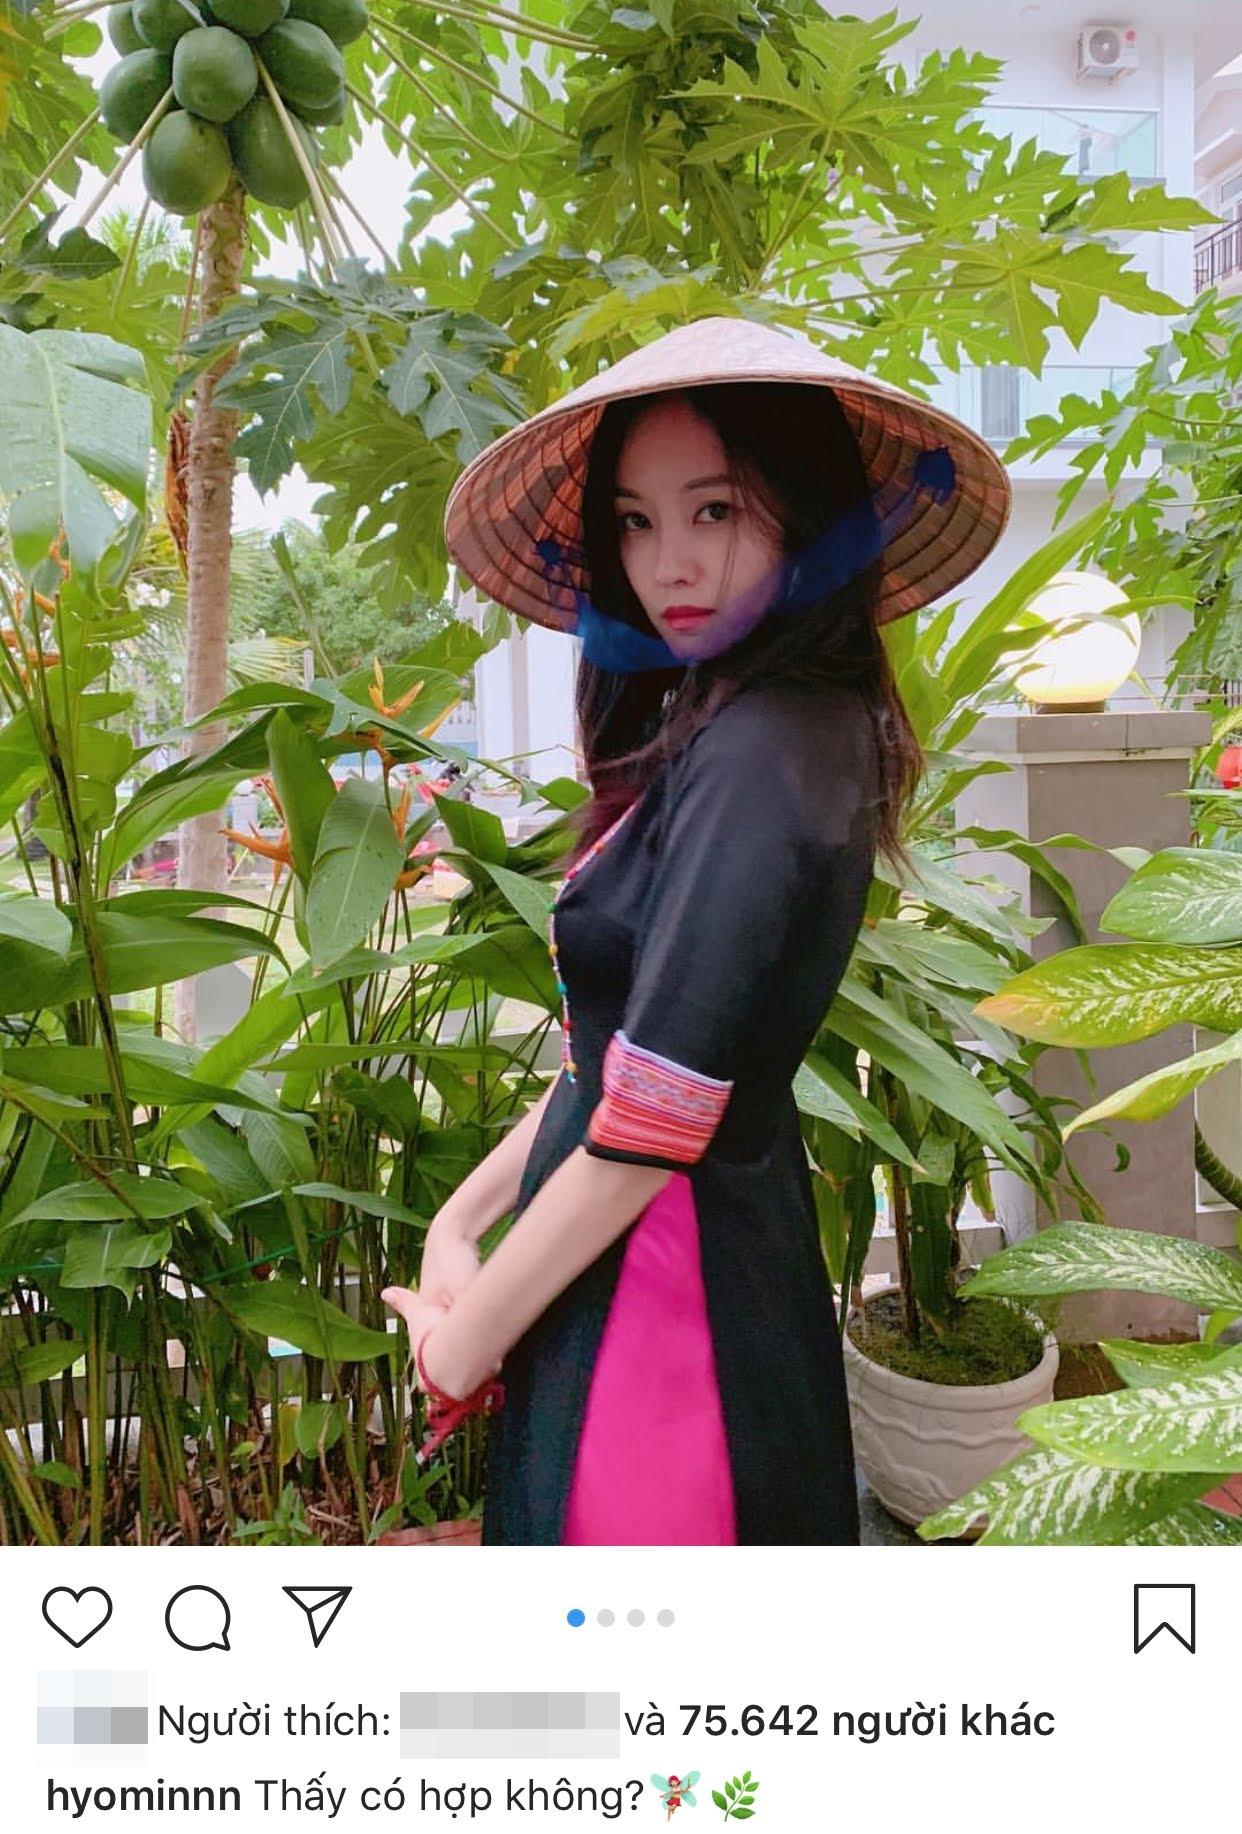 Hyomin (T-ara) đăng ảnh chúc mừng đội tuyển Việt Nam và HLV Park, cư dân mạng đồng loạt nhận làm 'con dâu quốc dân' - Ảnh 4